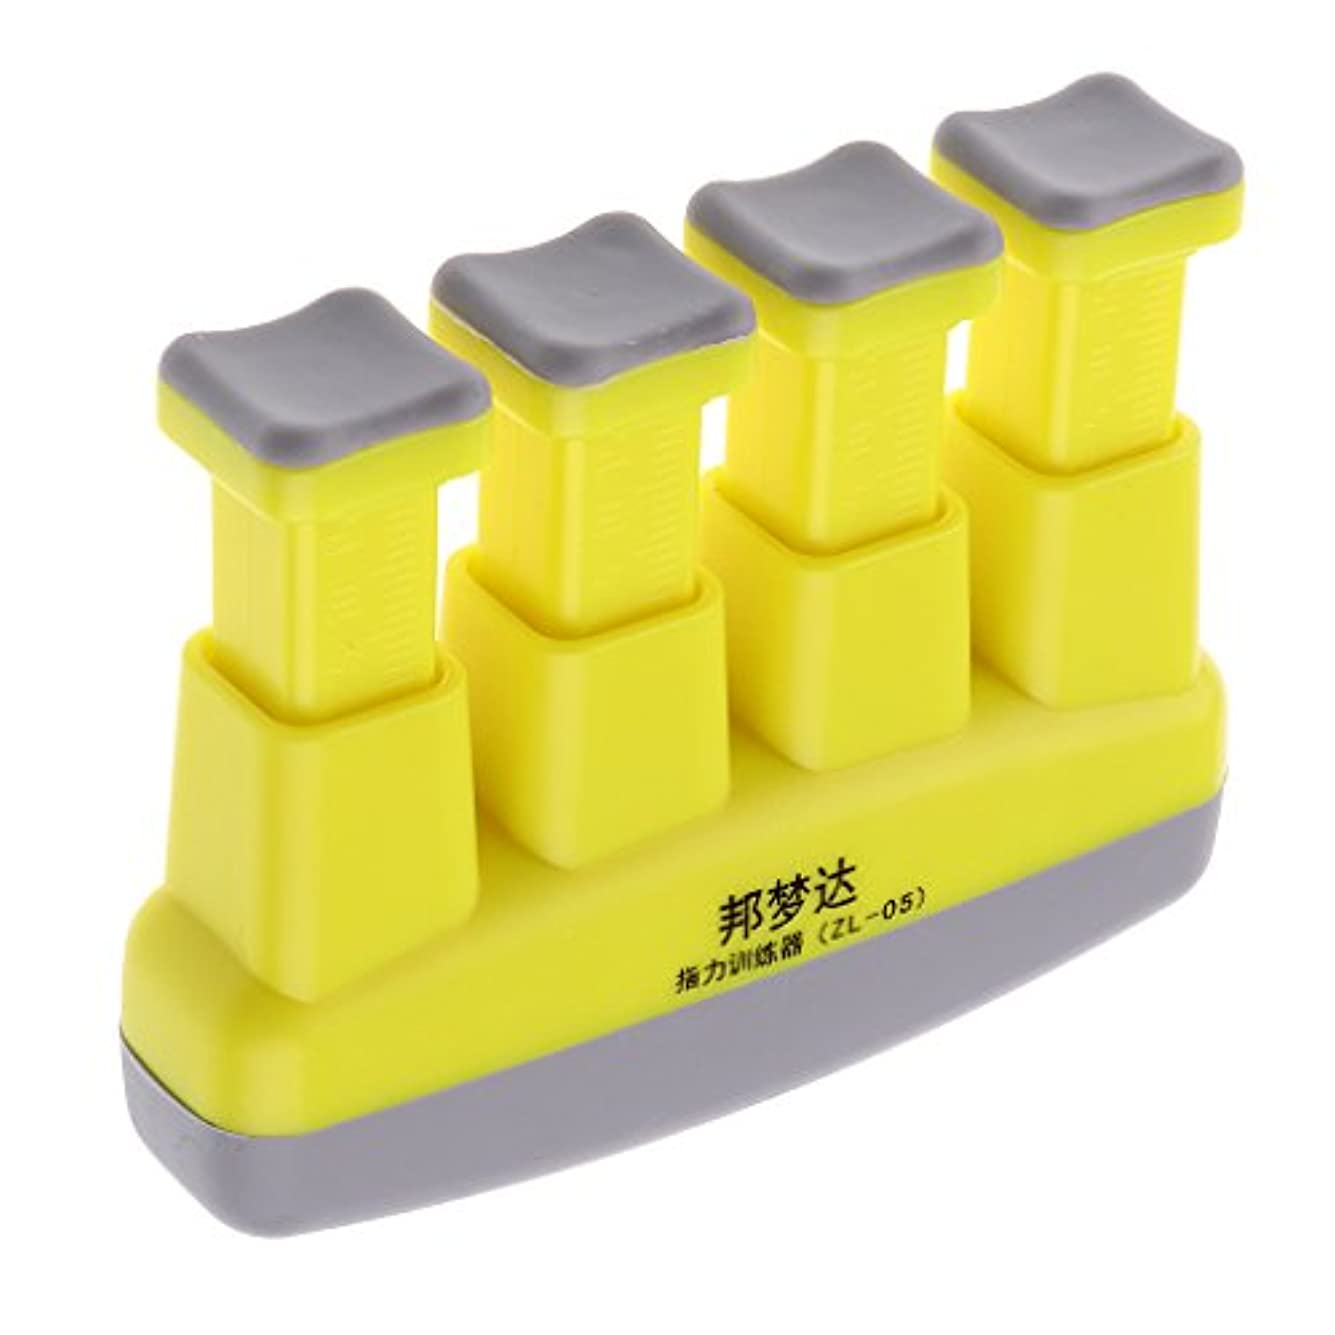 代理人解釈的租界Kesoto ハンドグリップ エクササイザ 4-6ポンド 調節可 ハンド 手首 腕 グリップ グリッパー 黄色 ABS +シリコン